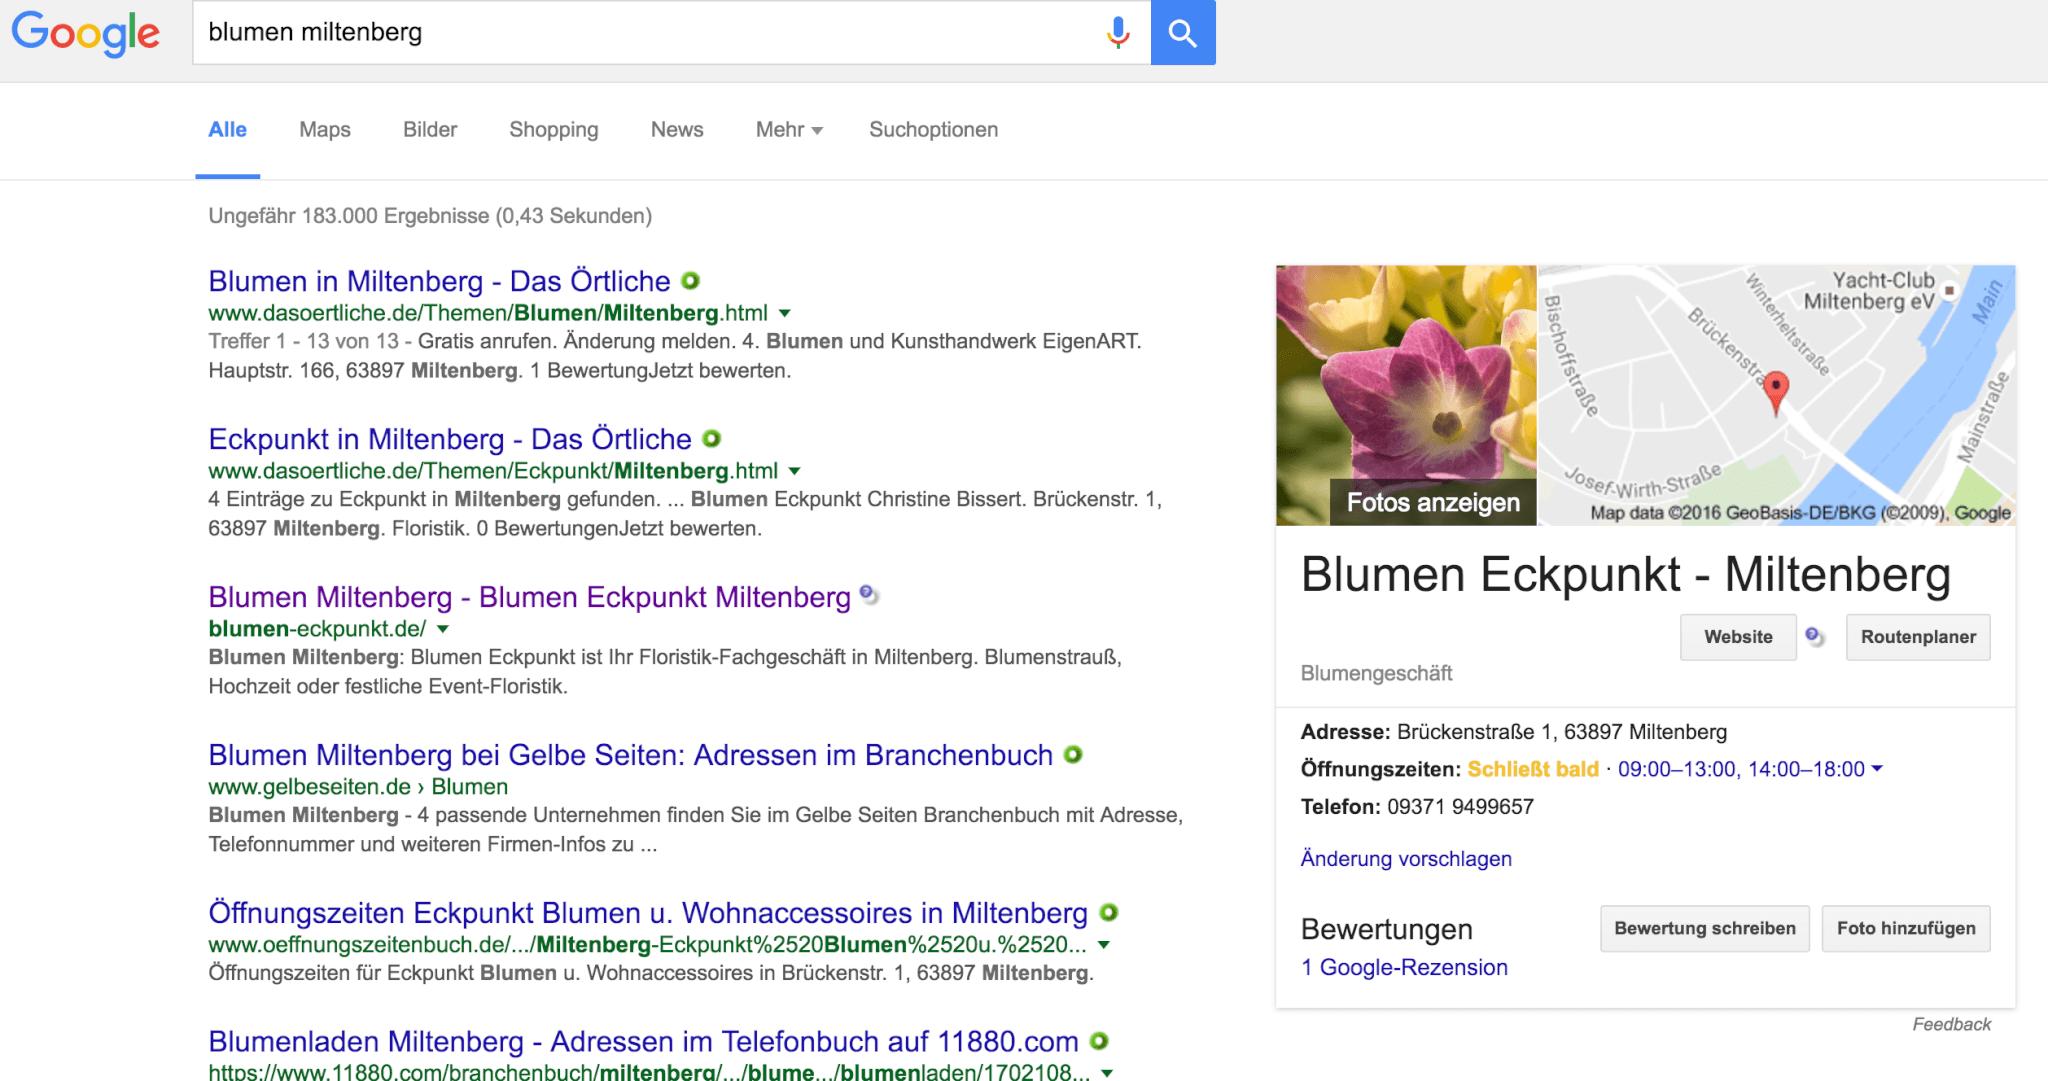 Inhaber-Zertifizierung bei Google MyBusiness für Seriosität